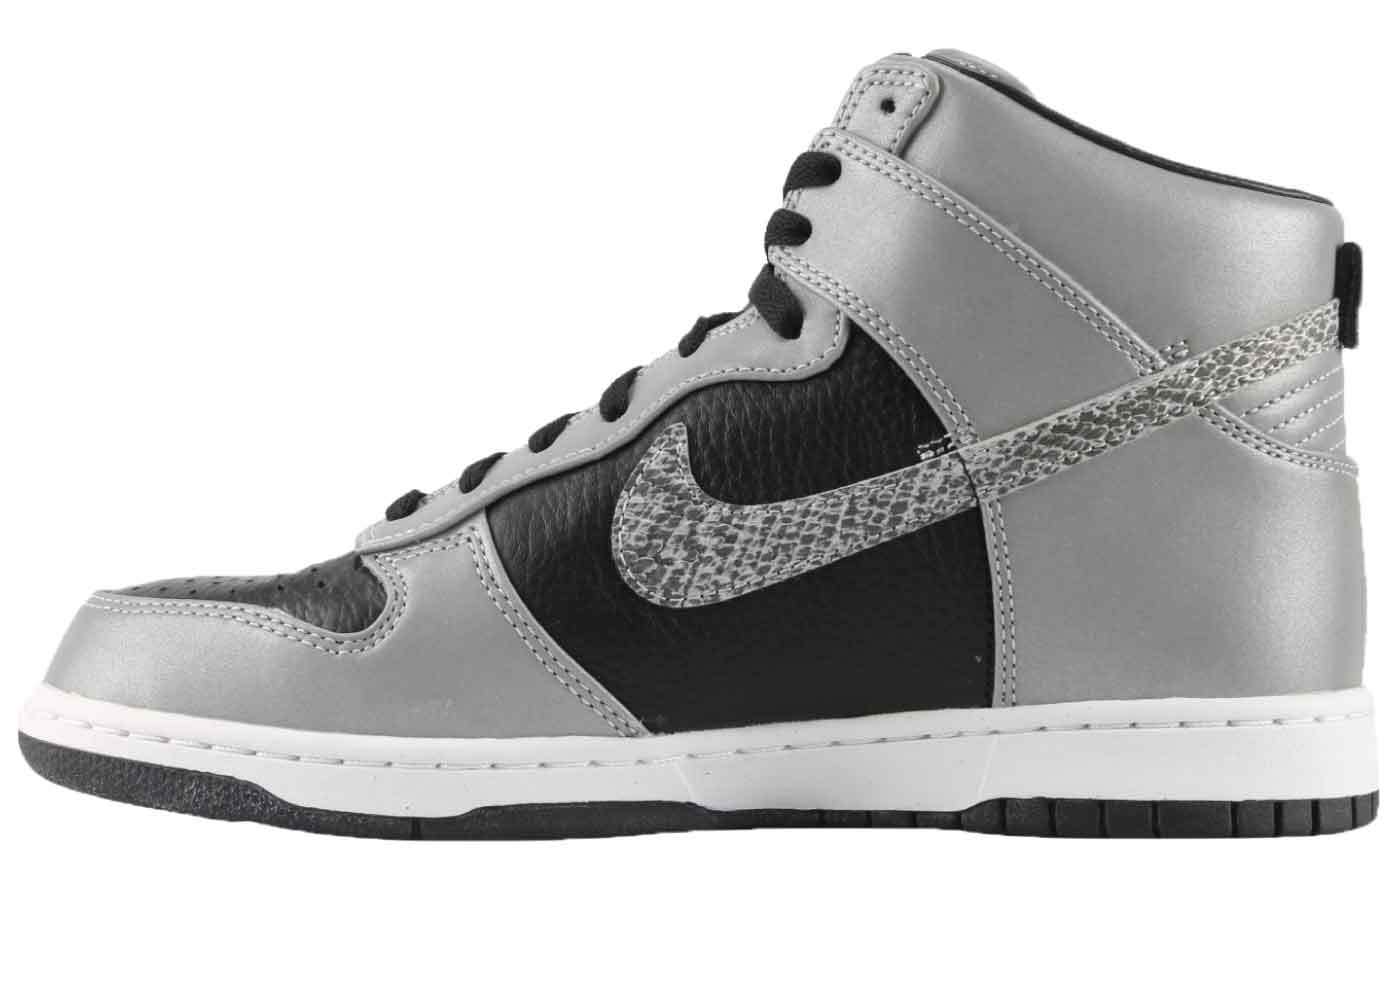 Nike Dunk High 3M Snakeの写真